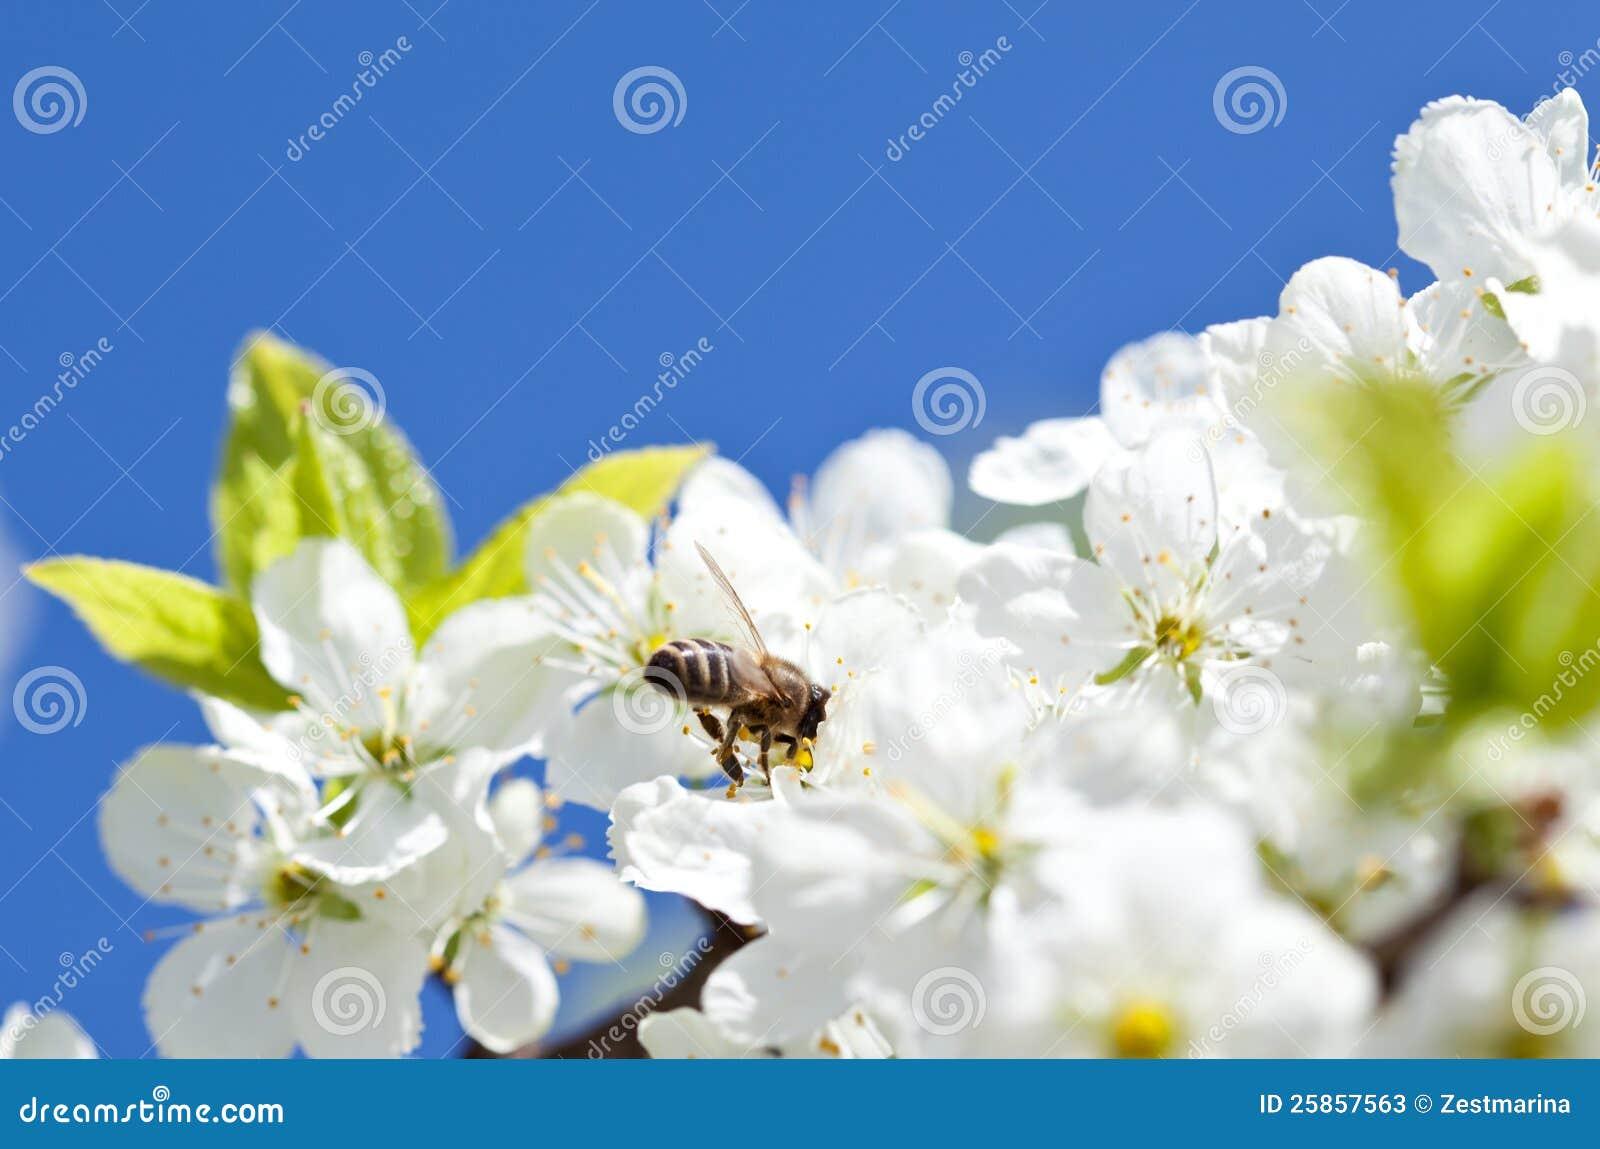 在开花的苹果树的蜂蜜蜂吃打破罐子的蜜图片